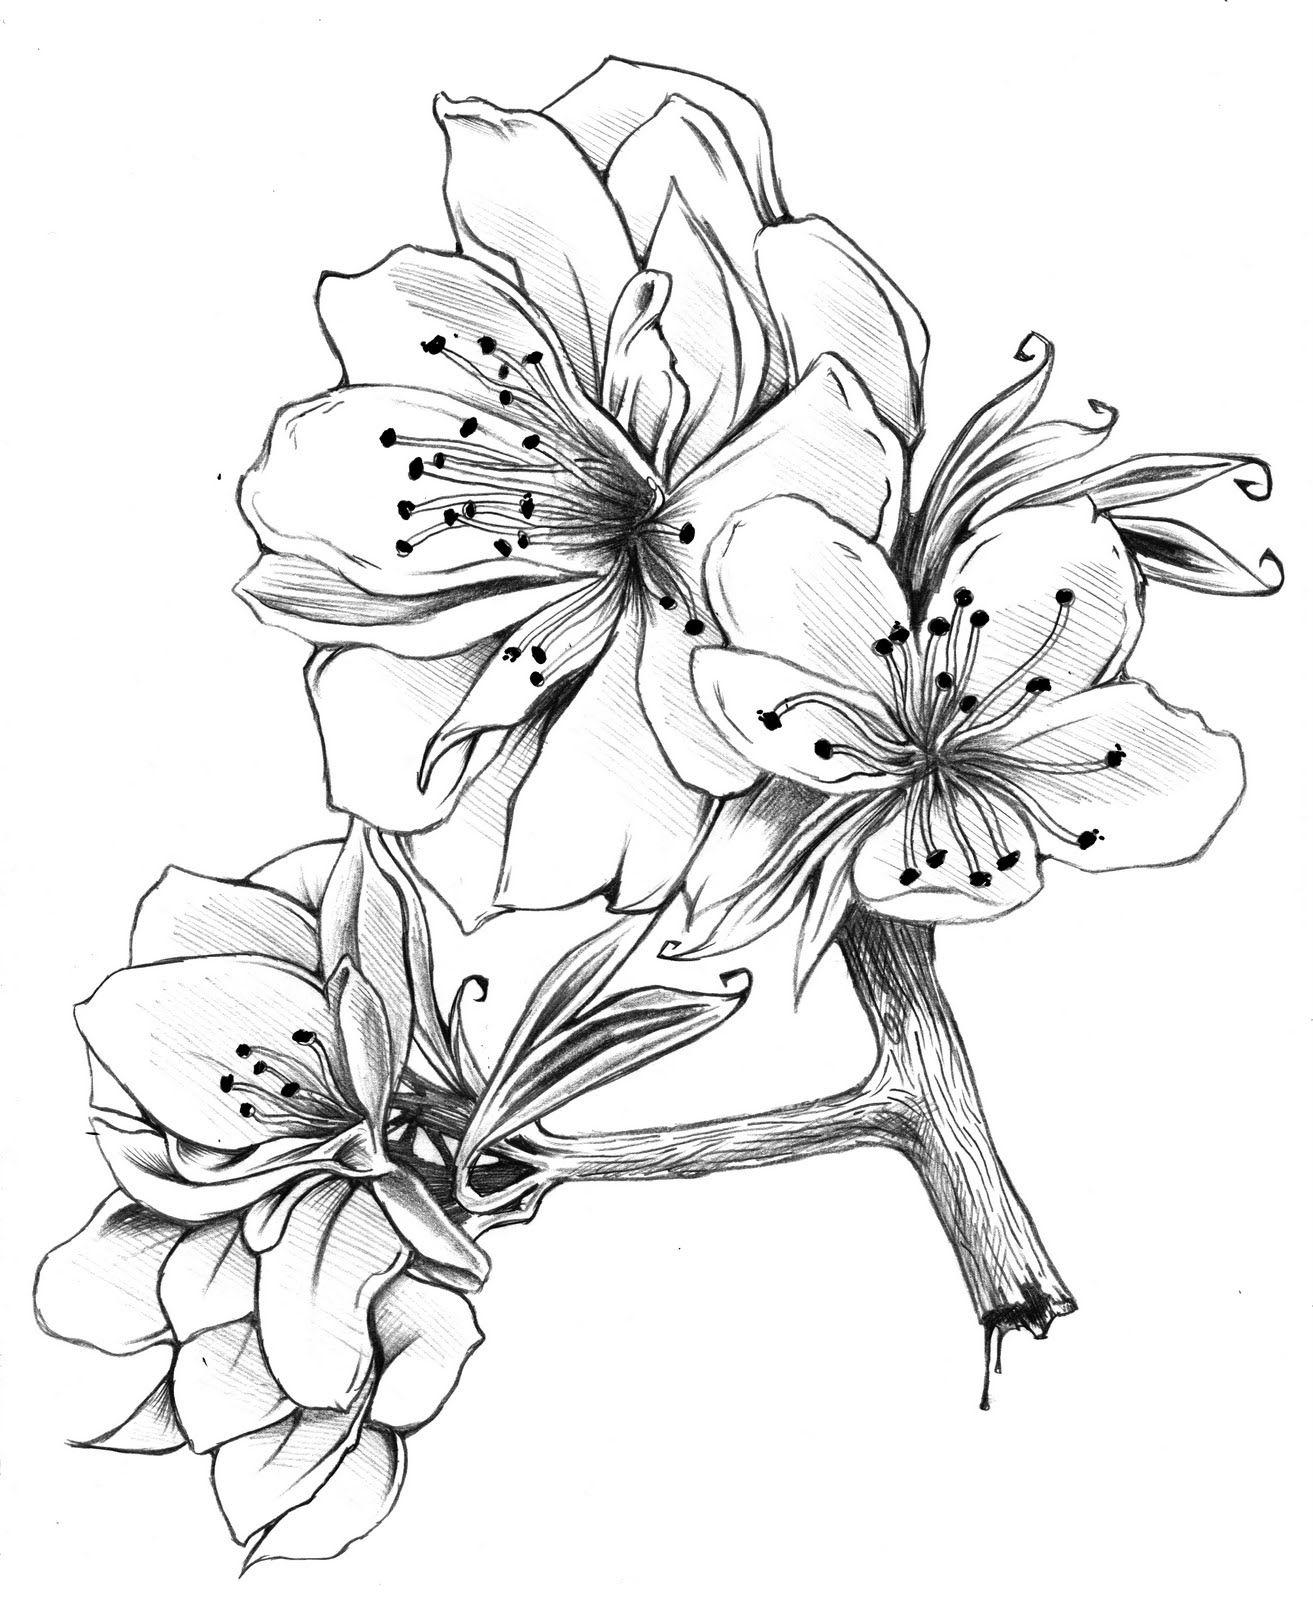 drawings of flowers - 736×896